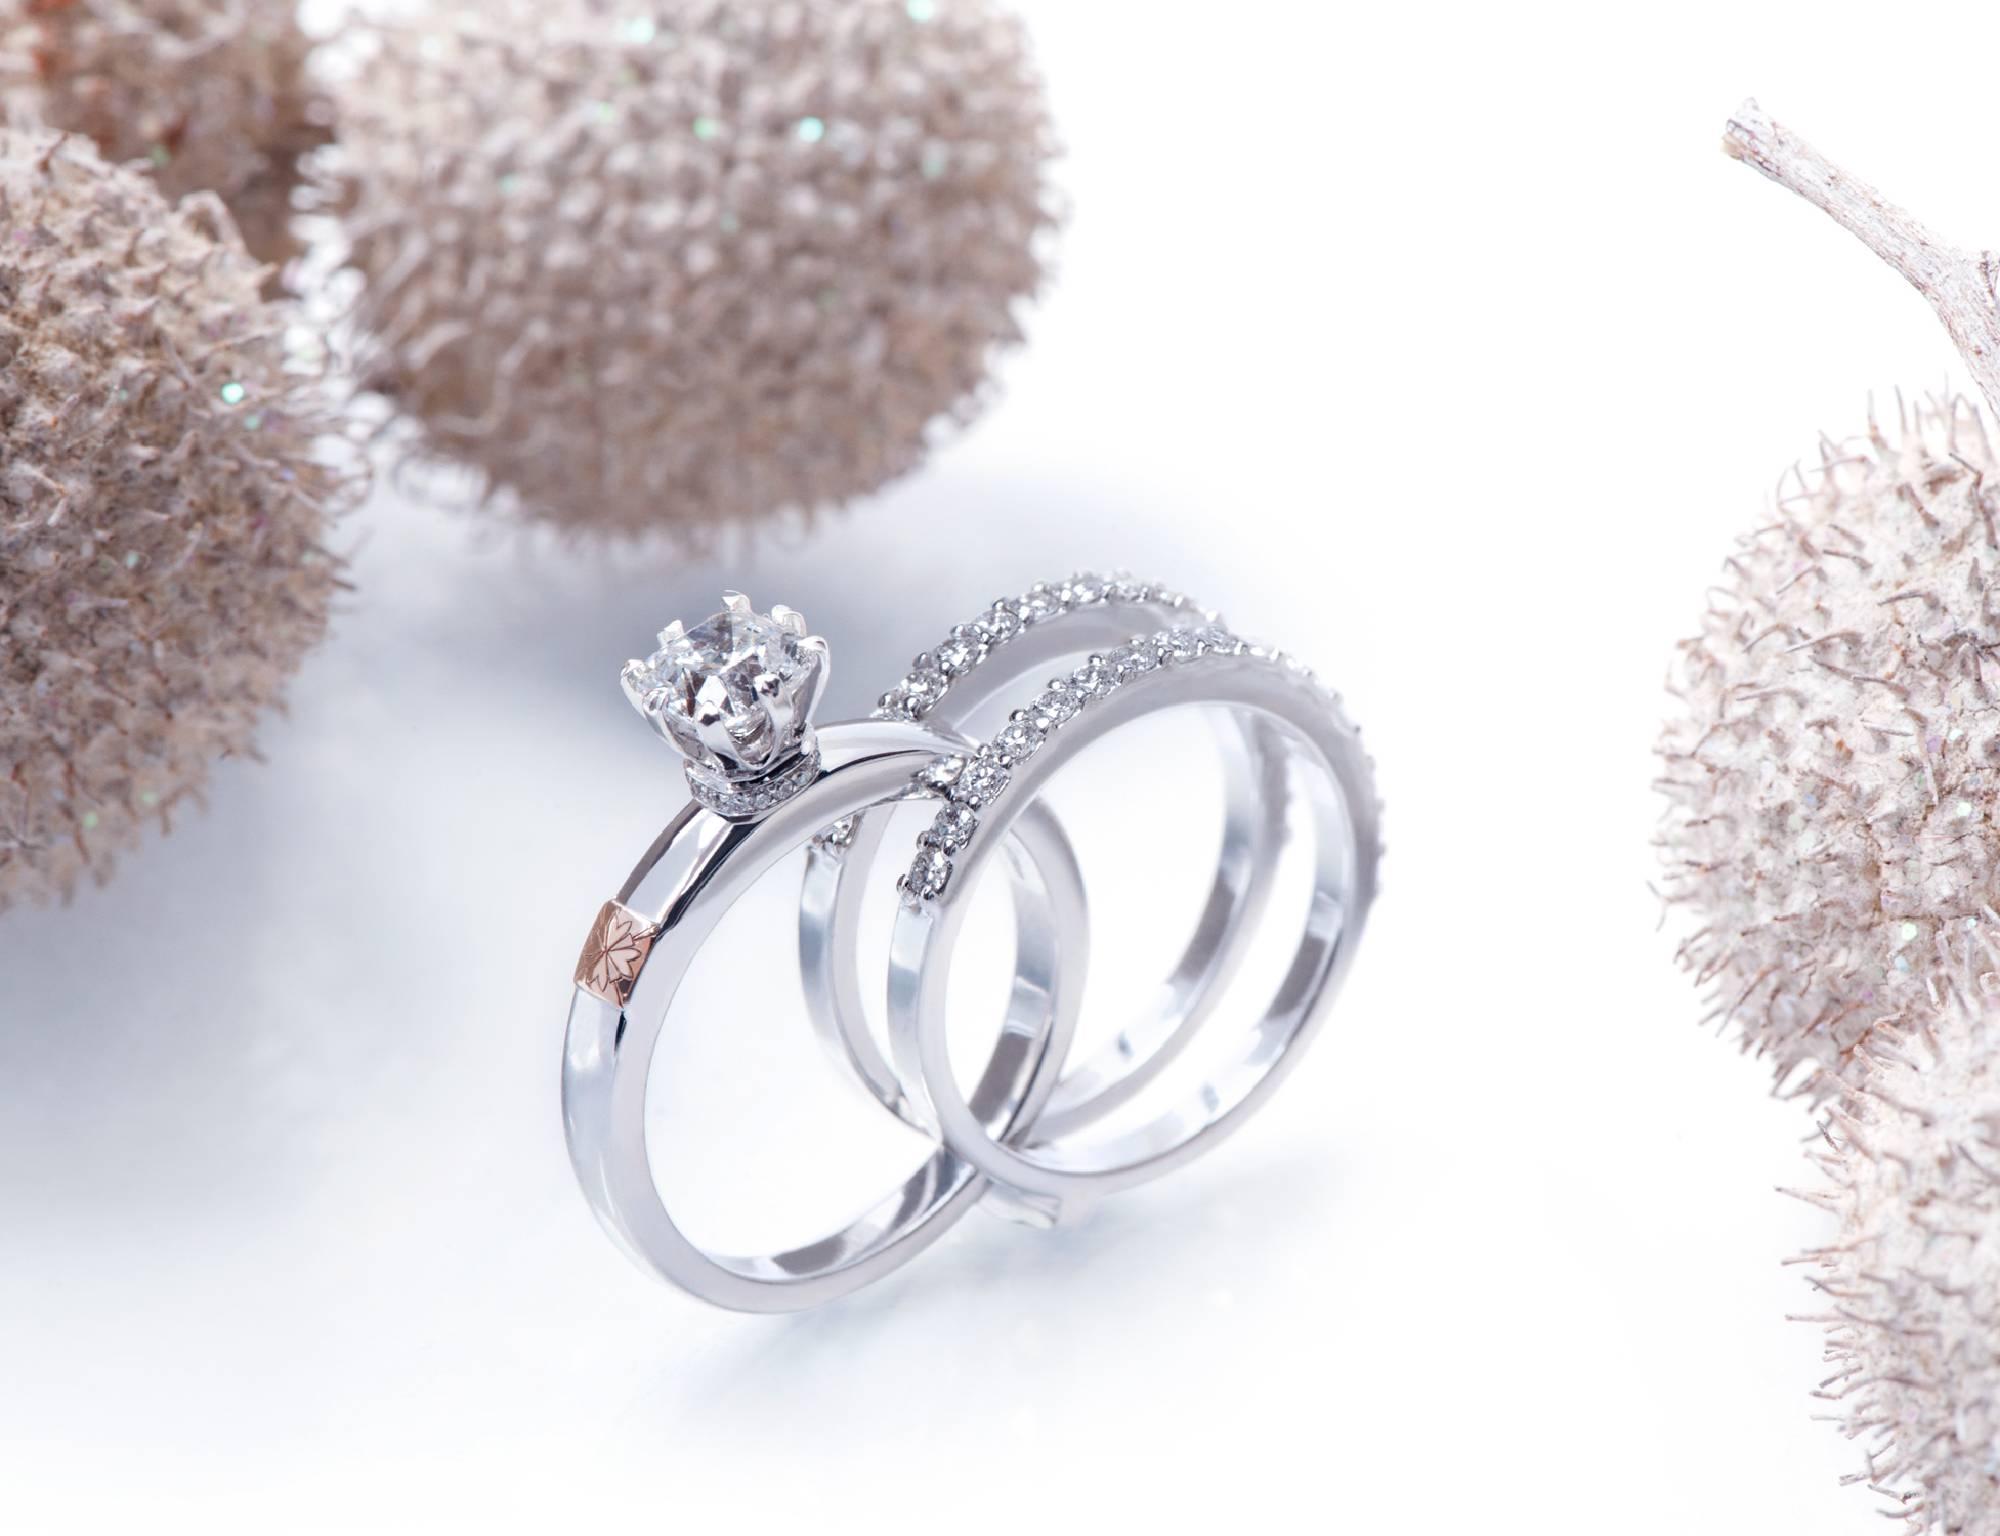 Diamanti e Gioielli Preziosi Gioielleria Maglie Lecce Tracce d'oro gioielli